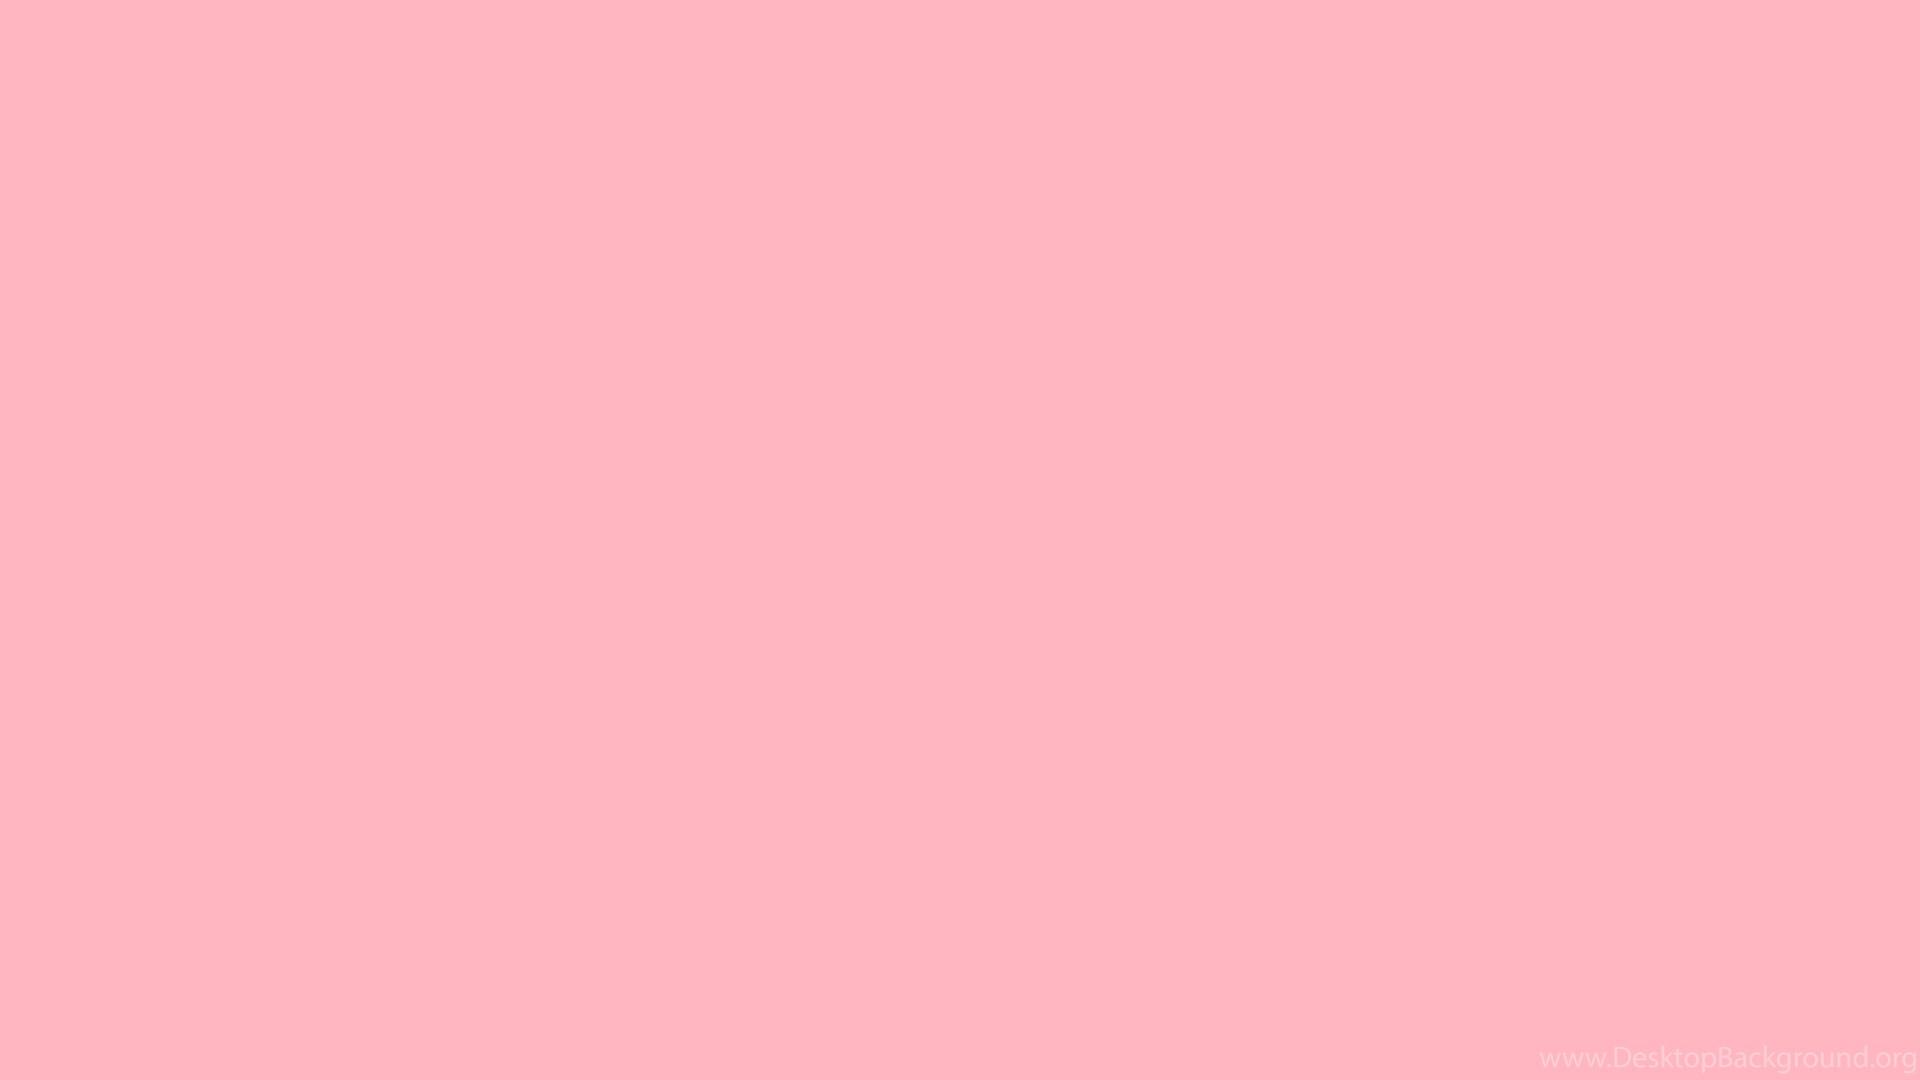 light pink wallpaper desktop - photo #10